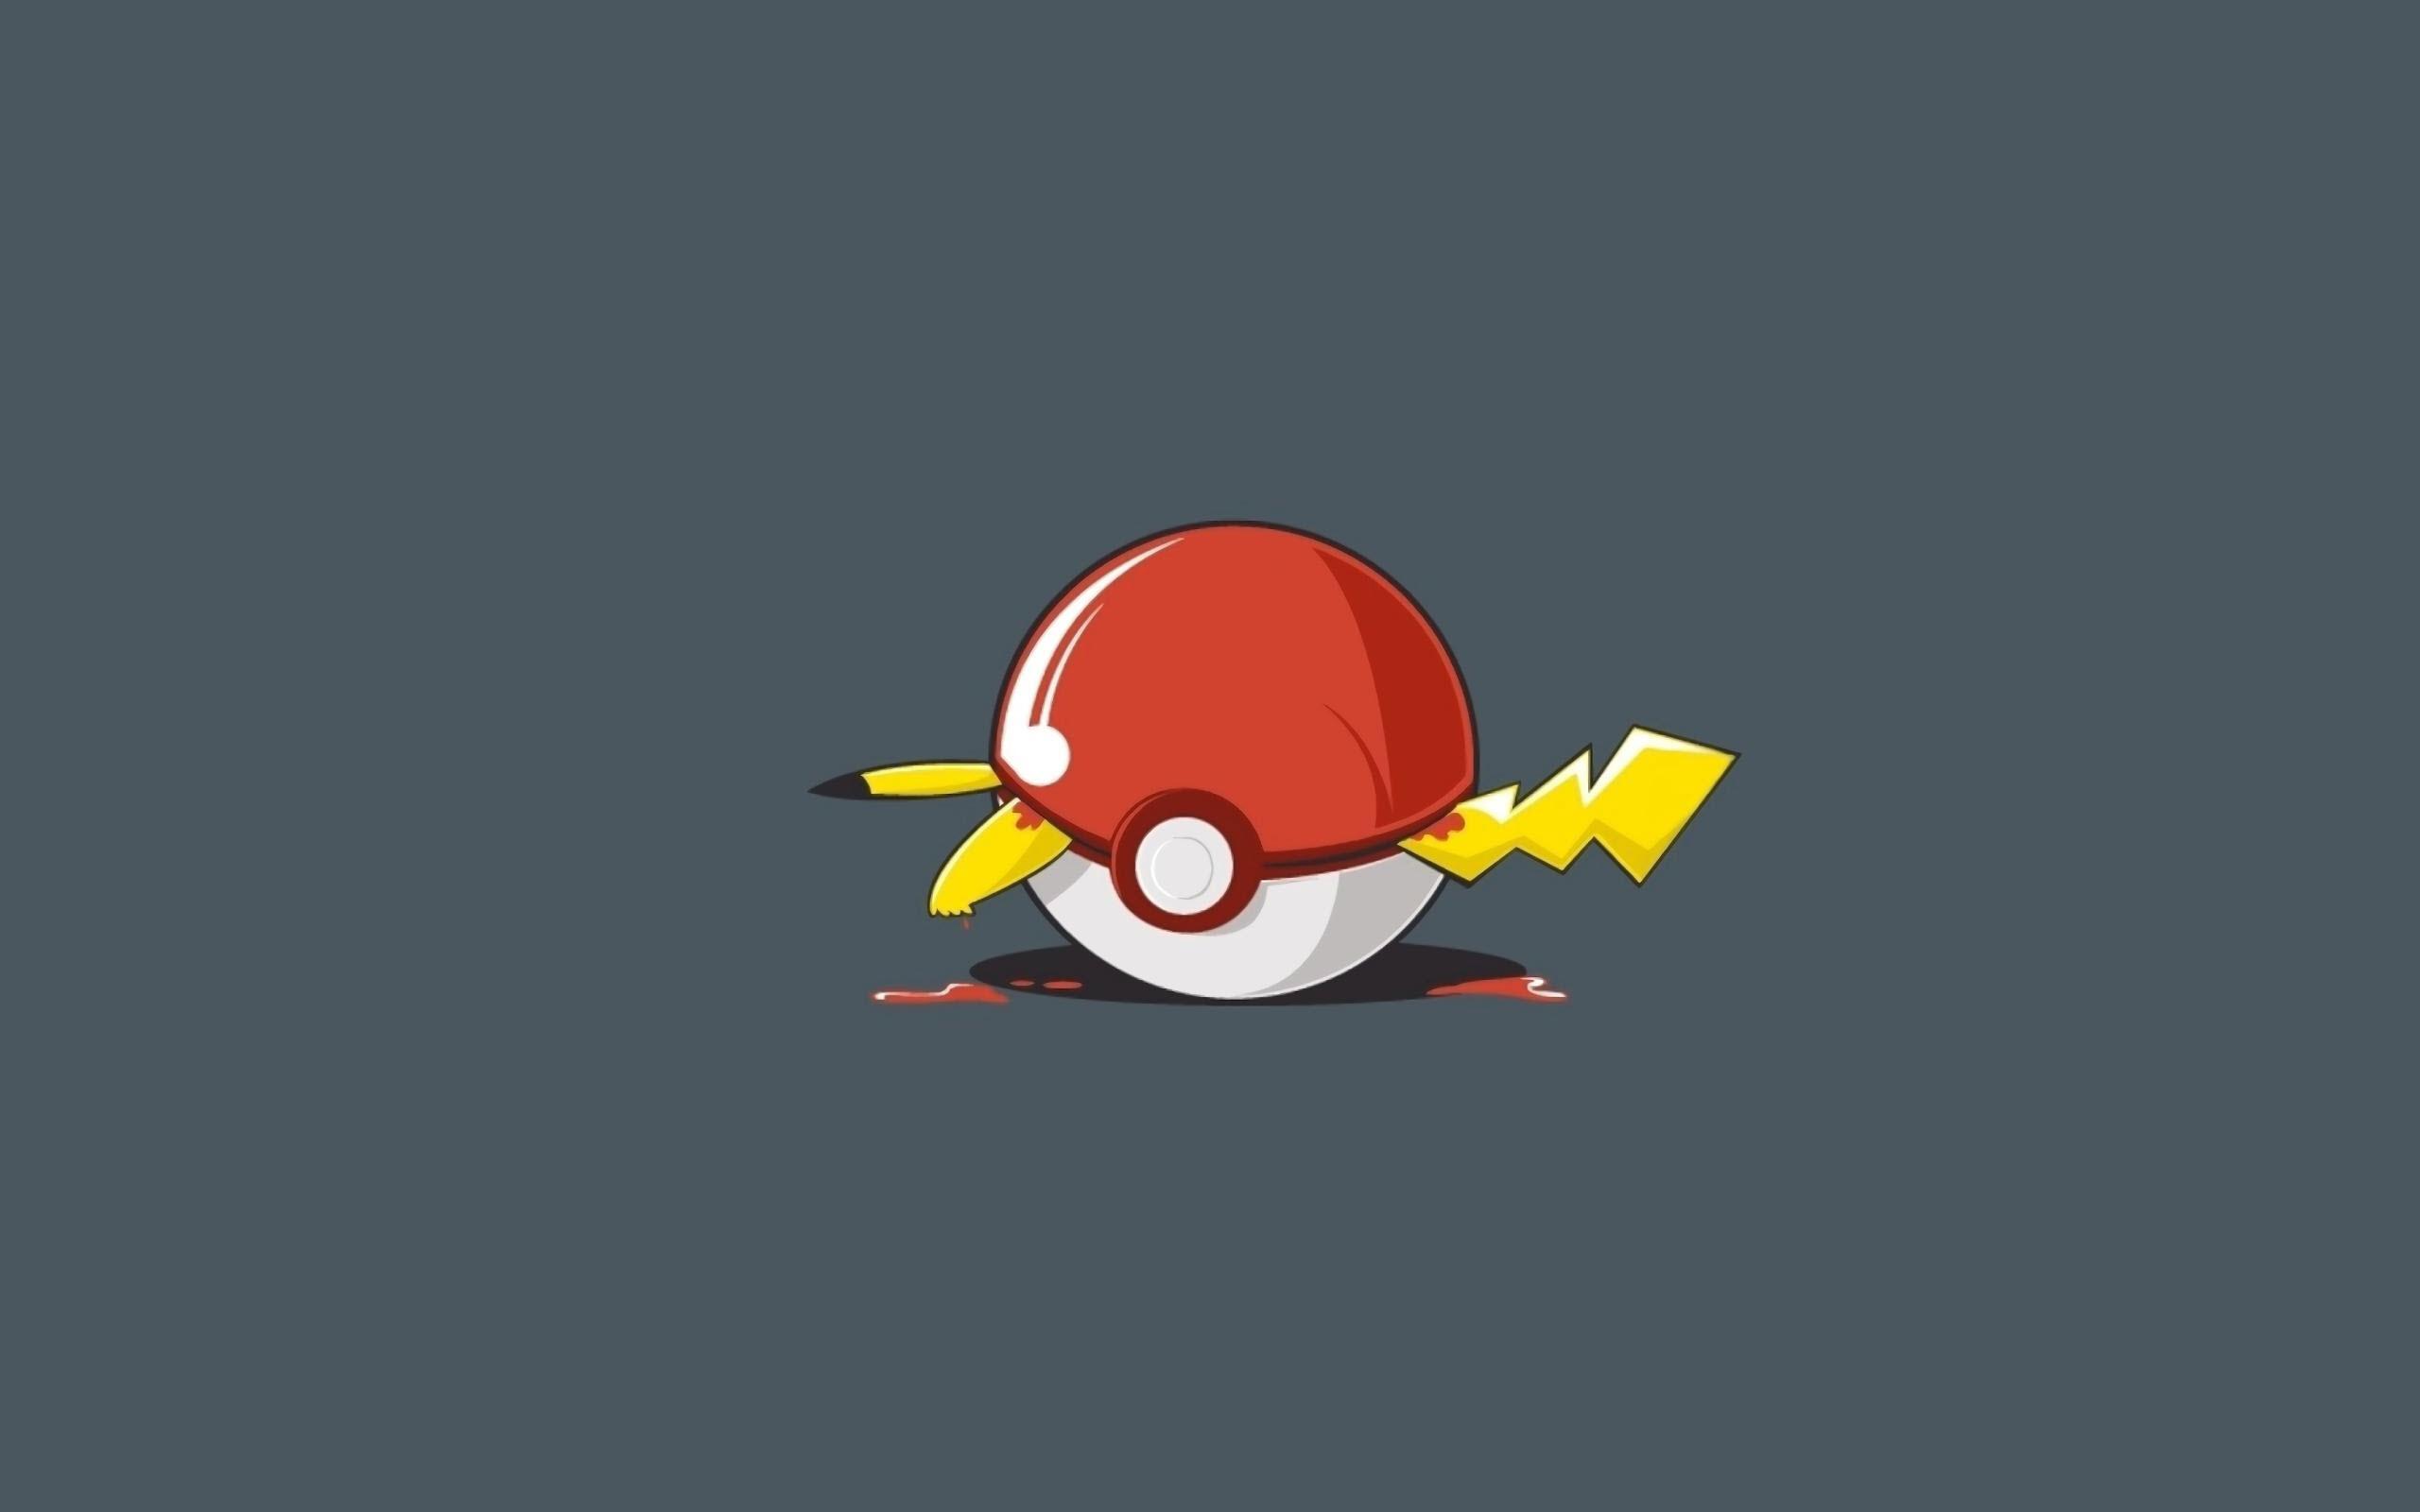 Ảnh nền Pikachu mắc kẹt trong Pokeball